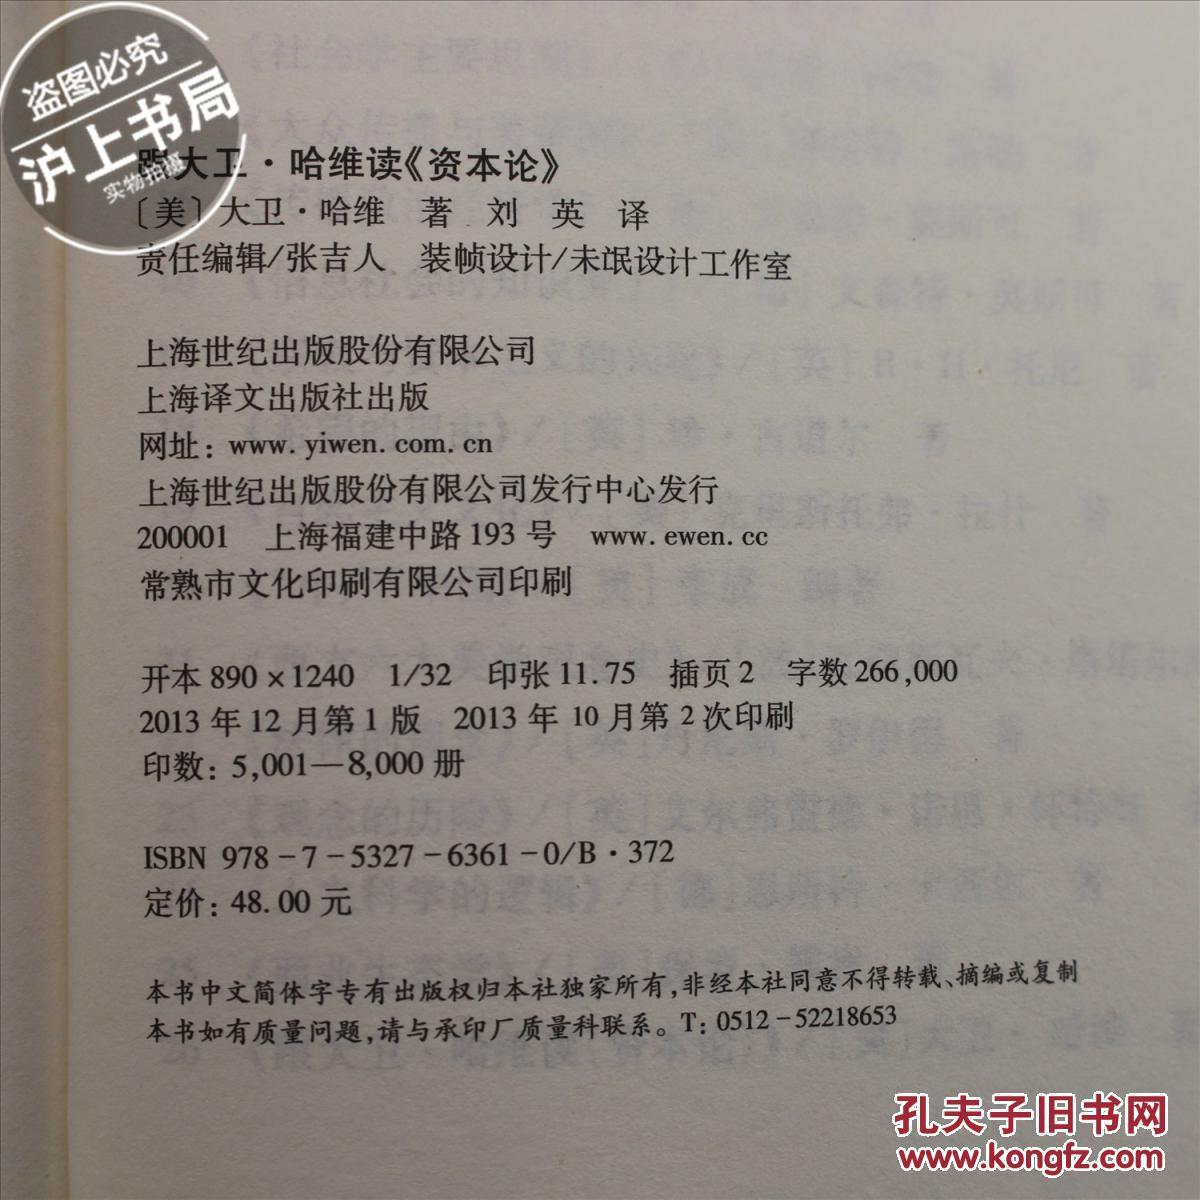 【图】跟大卫哈维读《资本论》(全二卷)_上海